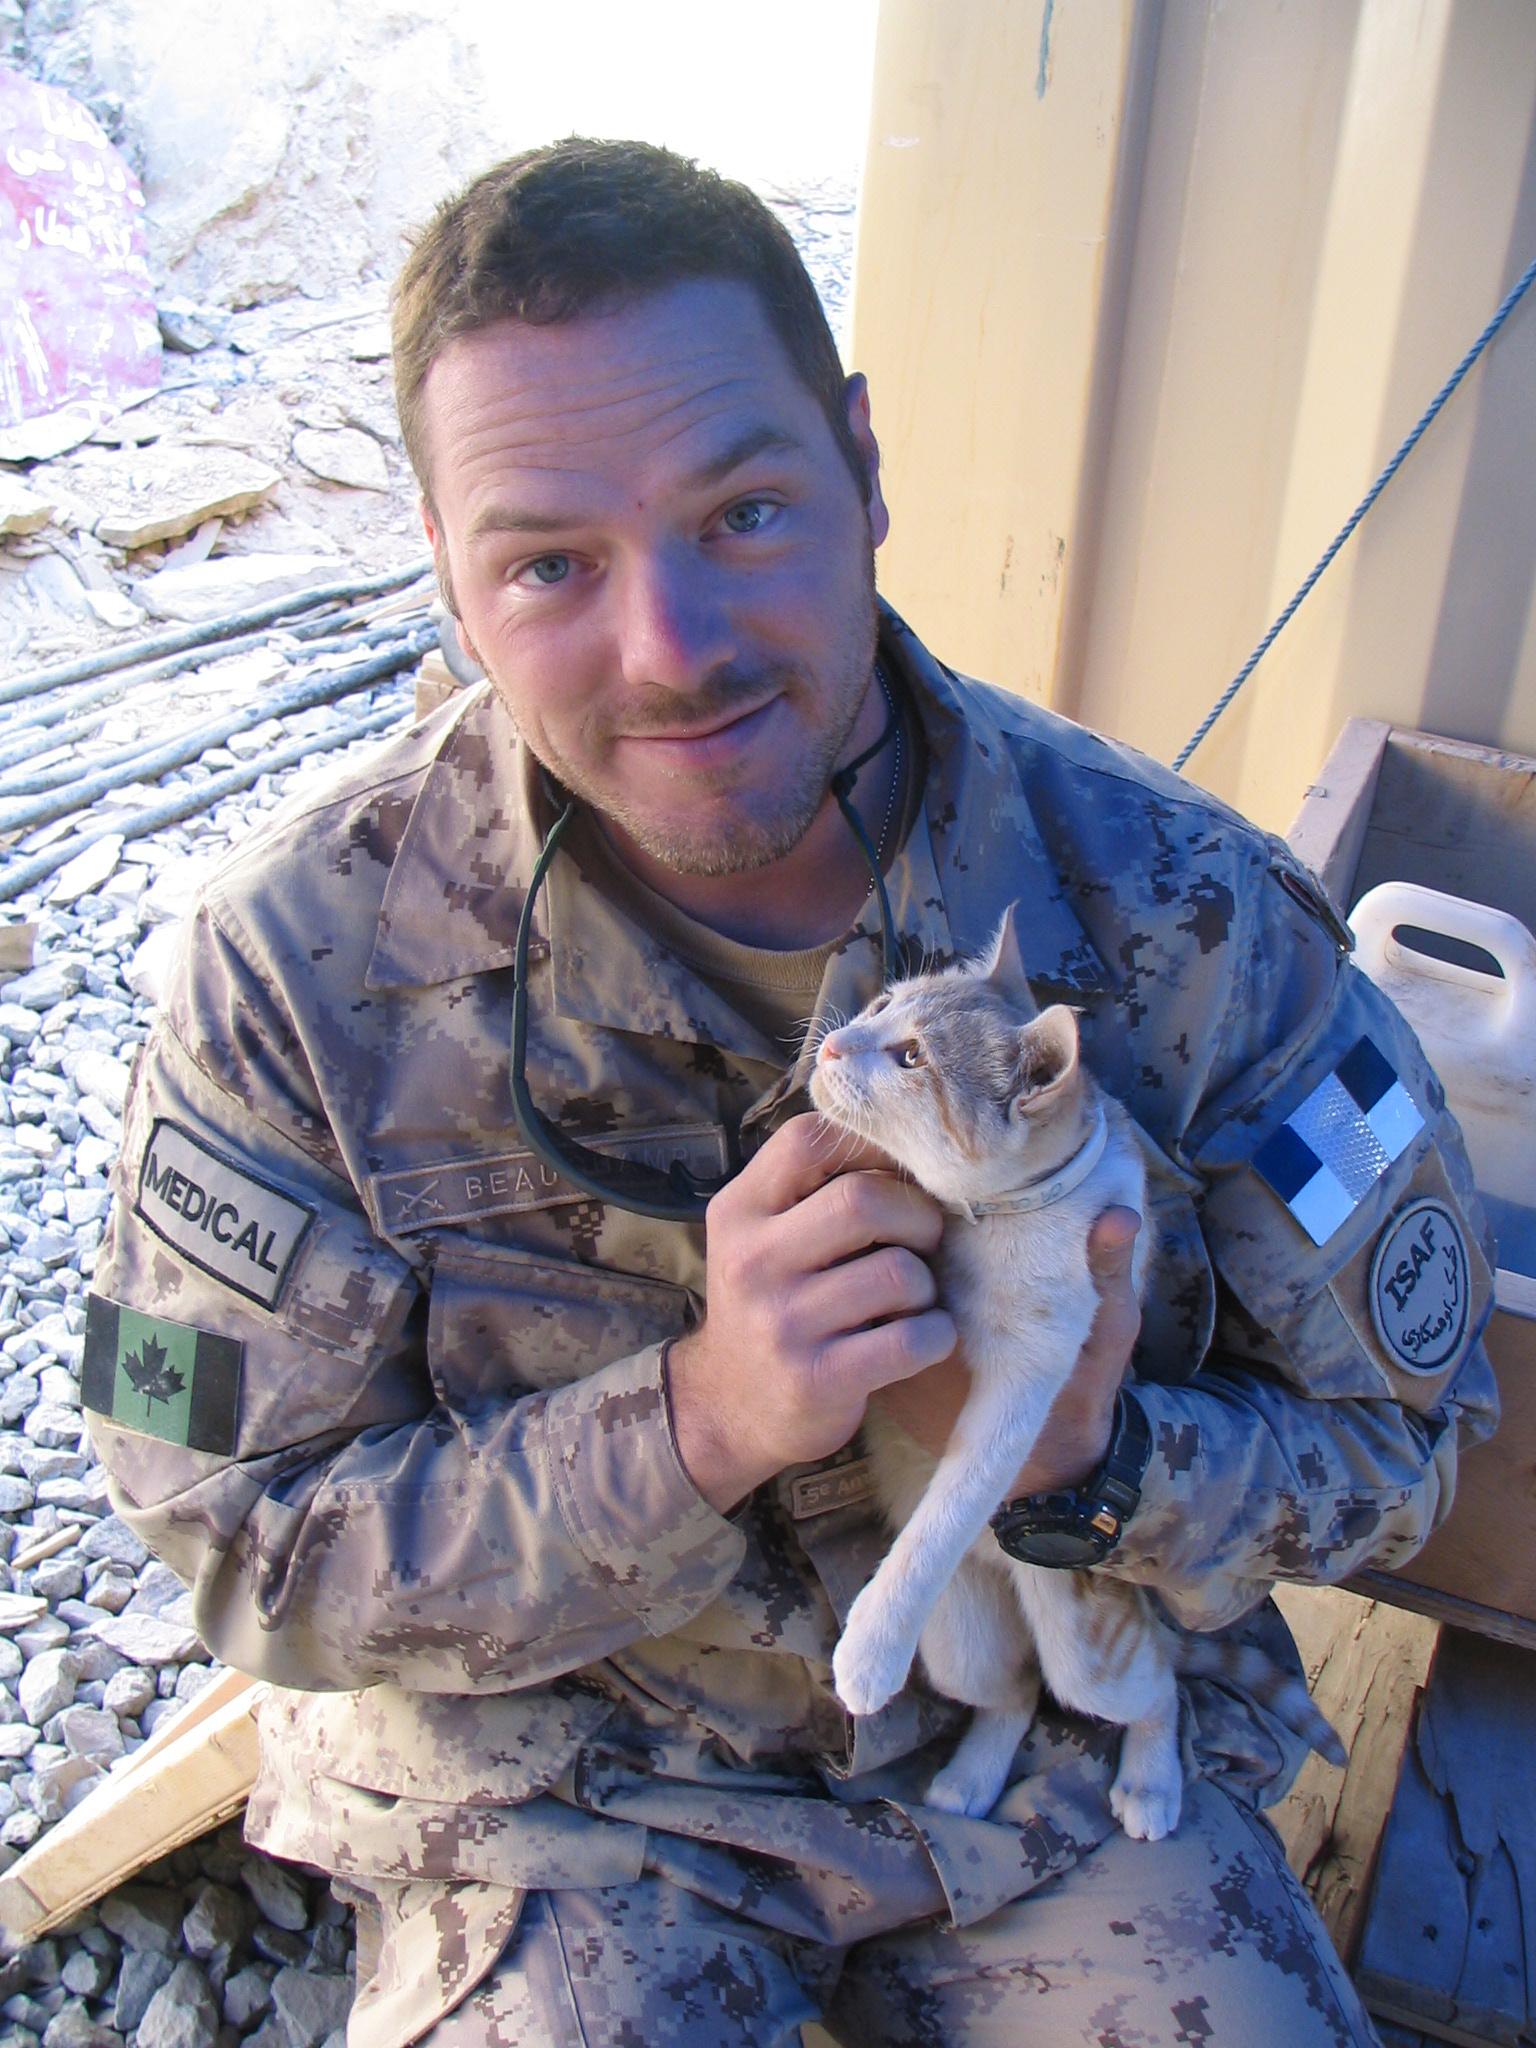 Photo de Nicolas Raymond Beauchamp – Photographie prise à Kandahar lors d'une visite de Nicolas entre 2 déplacements.